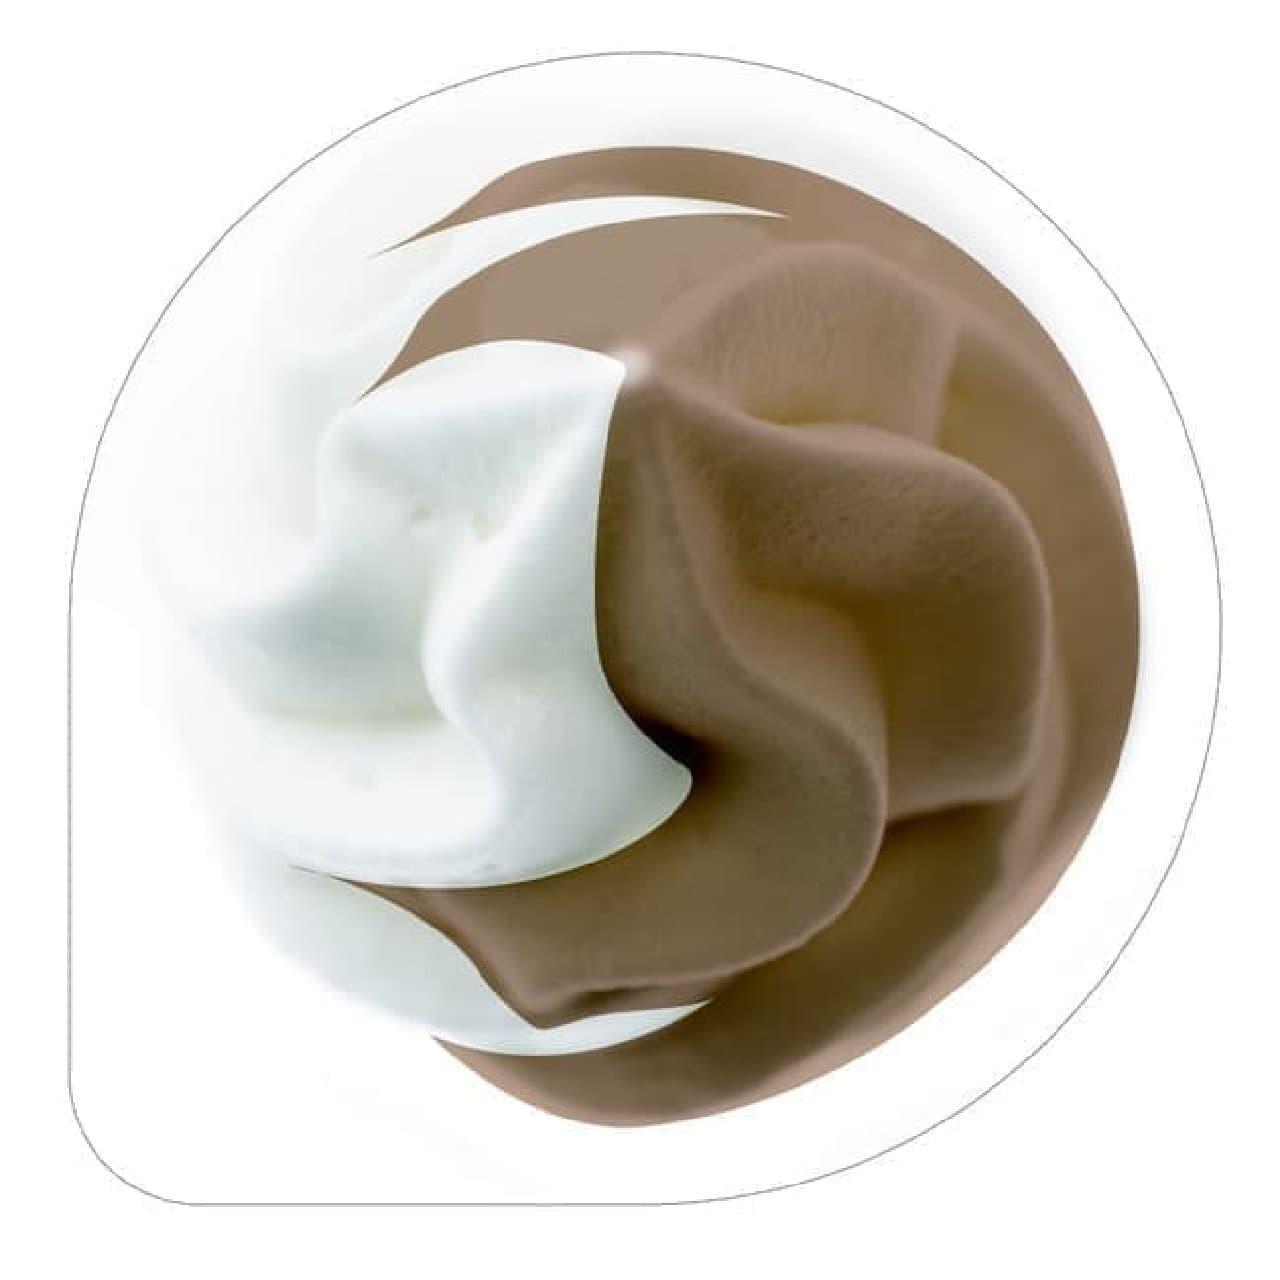 飲むソフトクリームチョコミックス